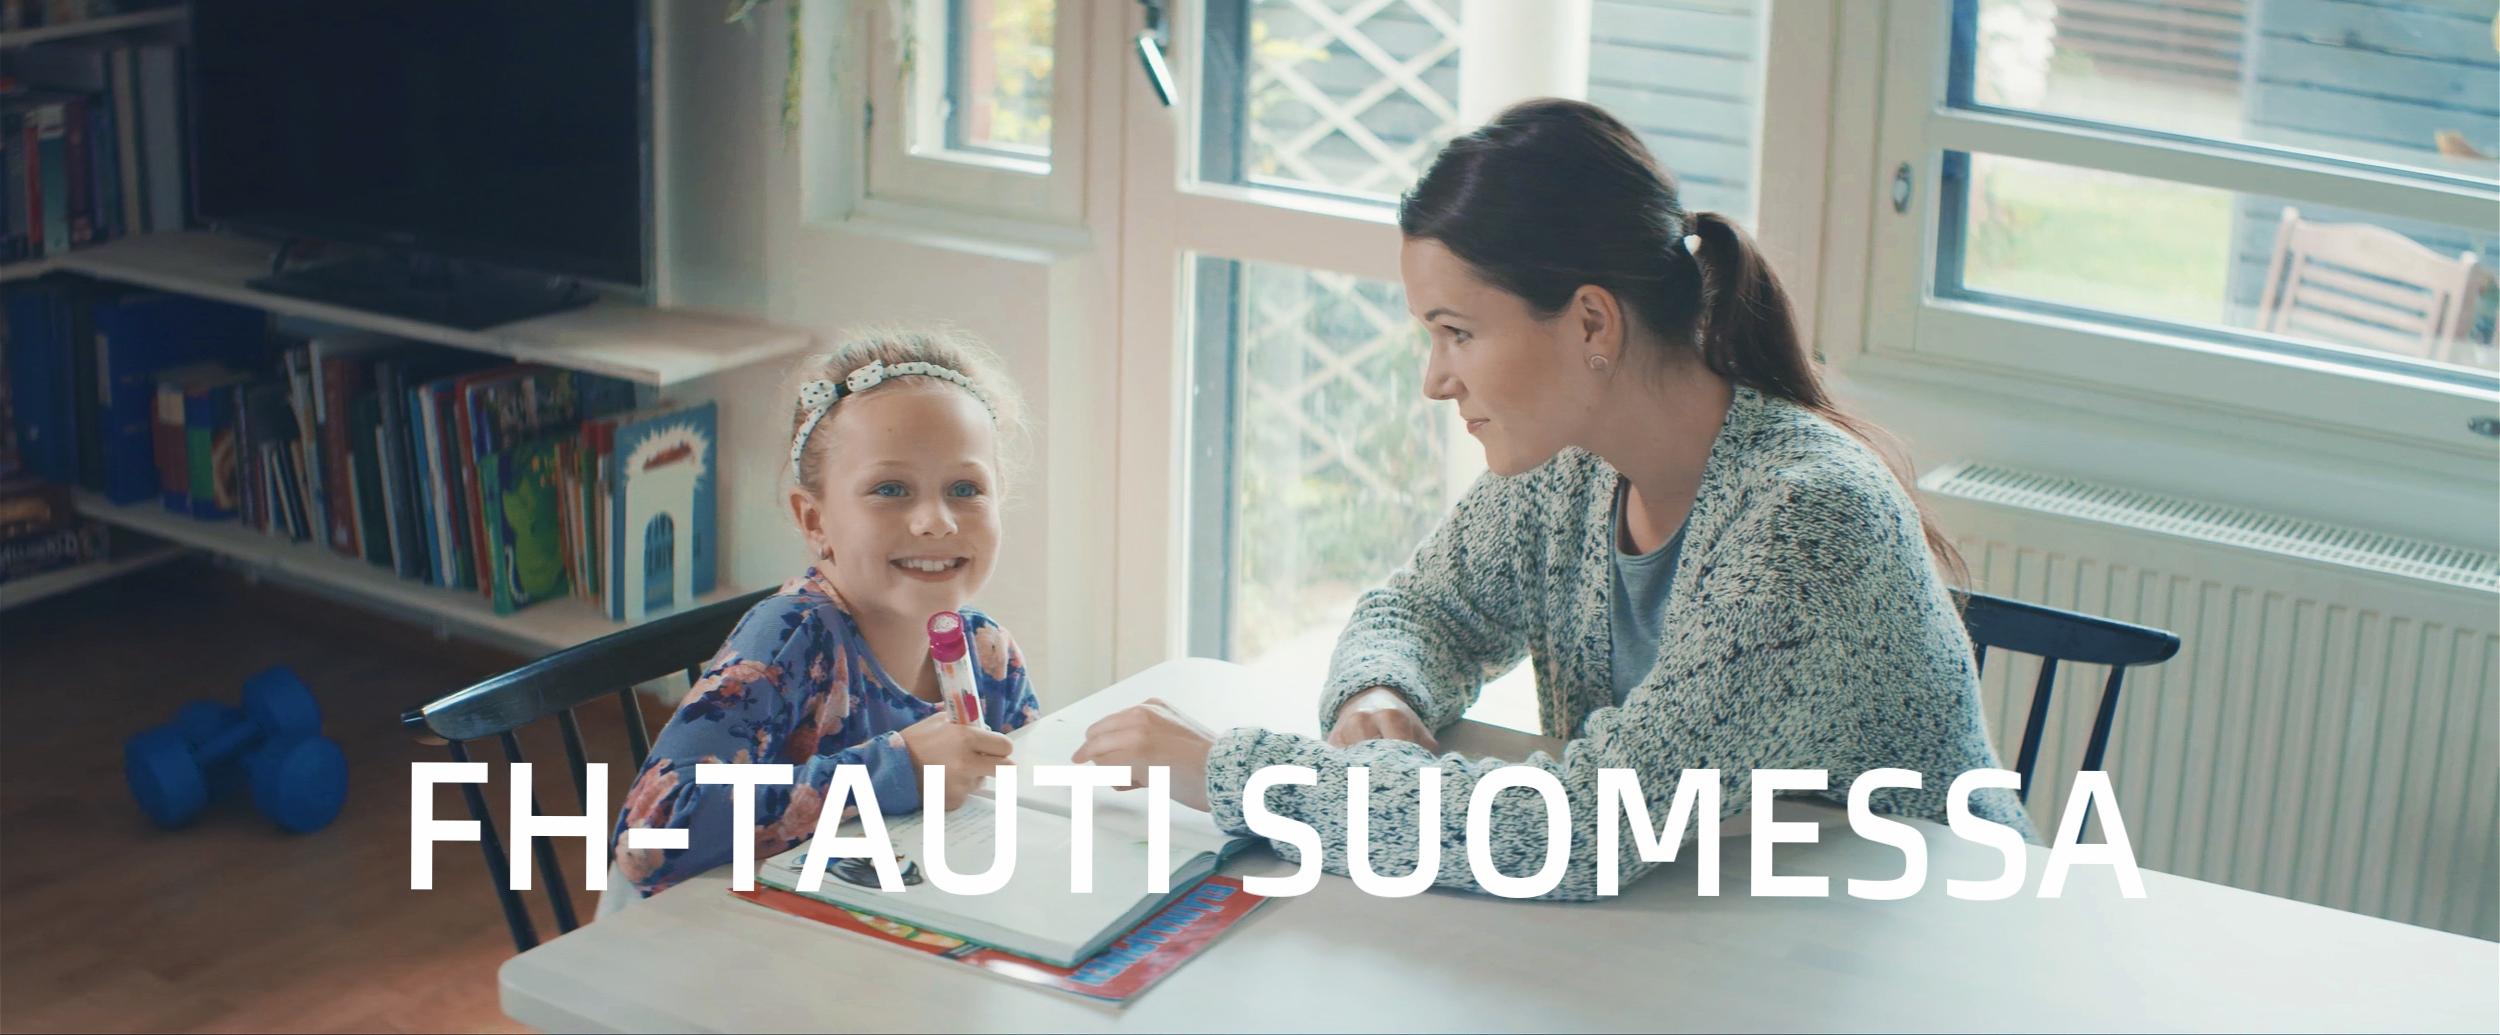 FH-TAUTI SUOMESSA